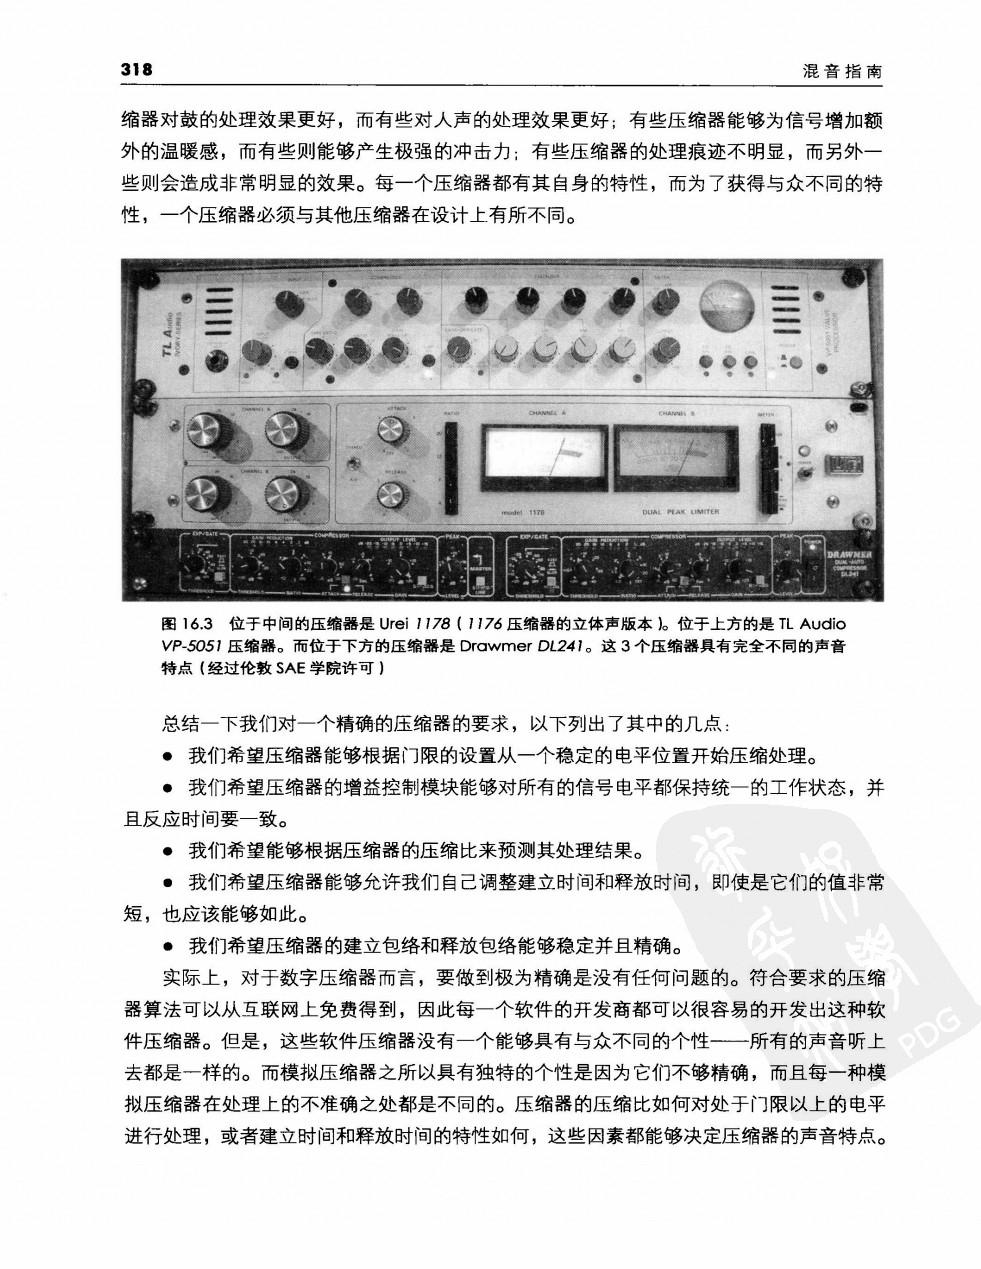 混音指南 340